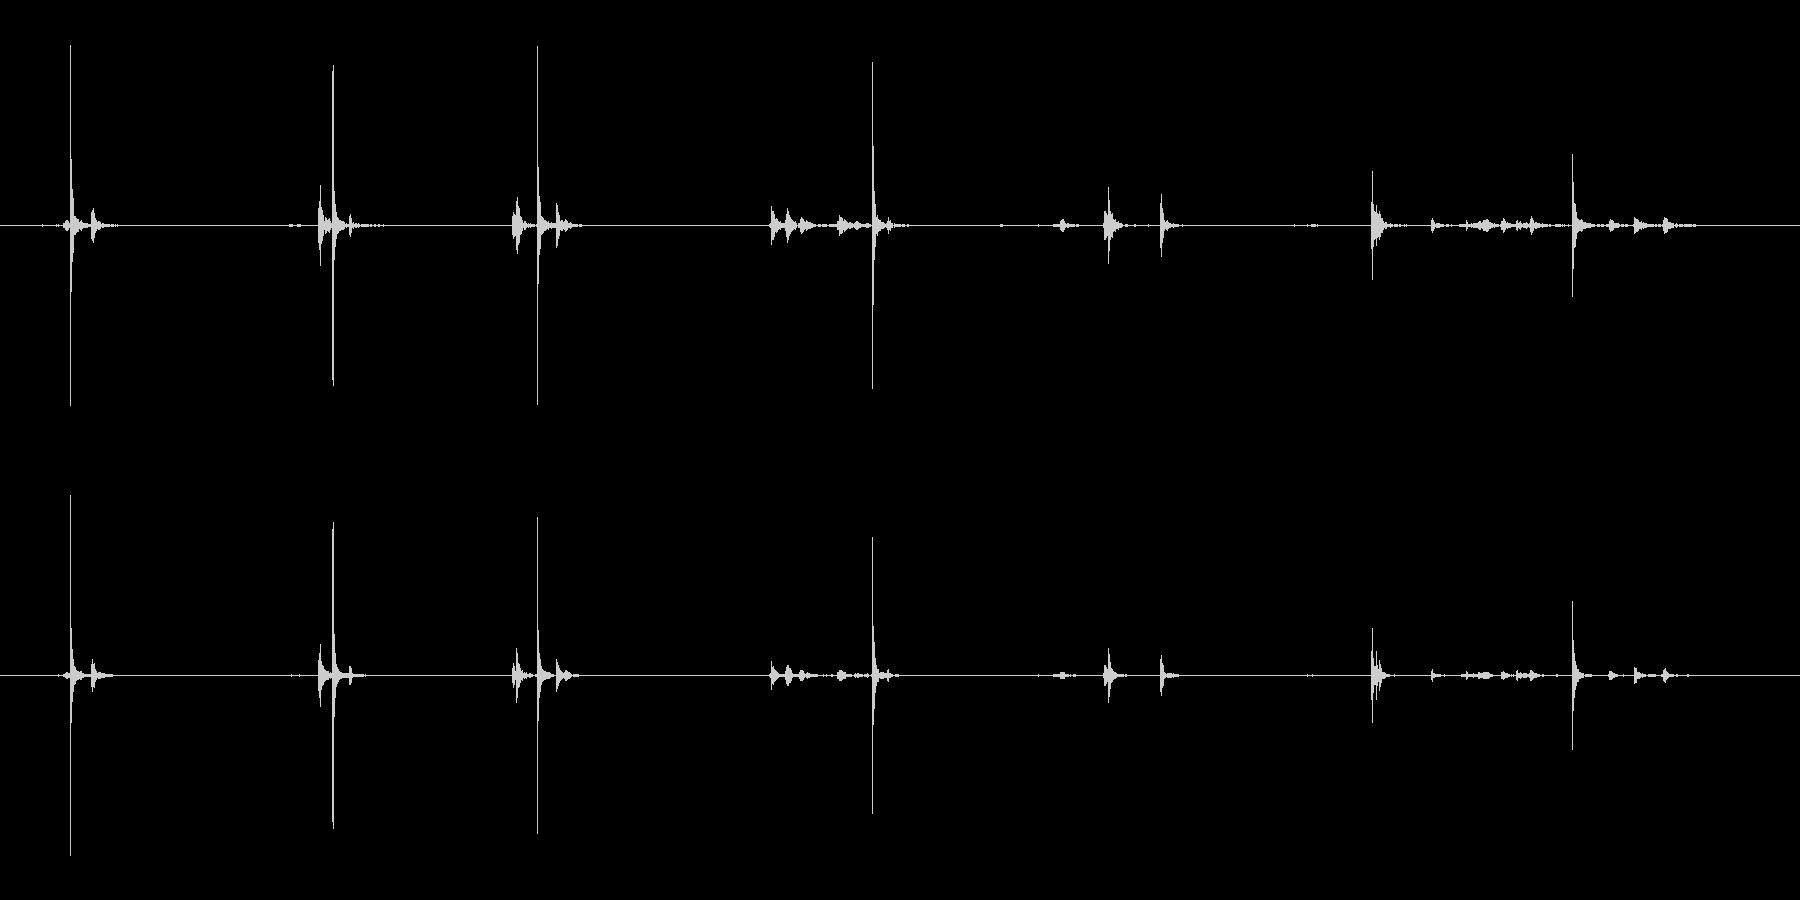 バキュームクリーナー、スモール、パ...の未再生の波形